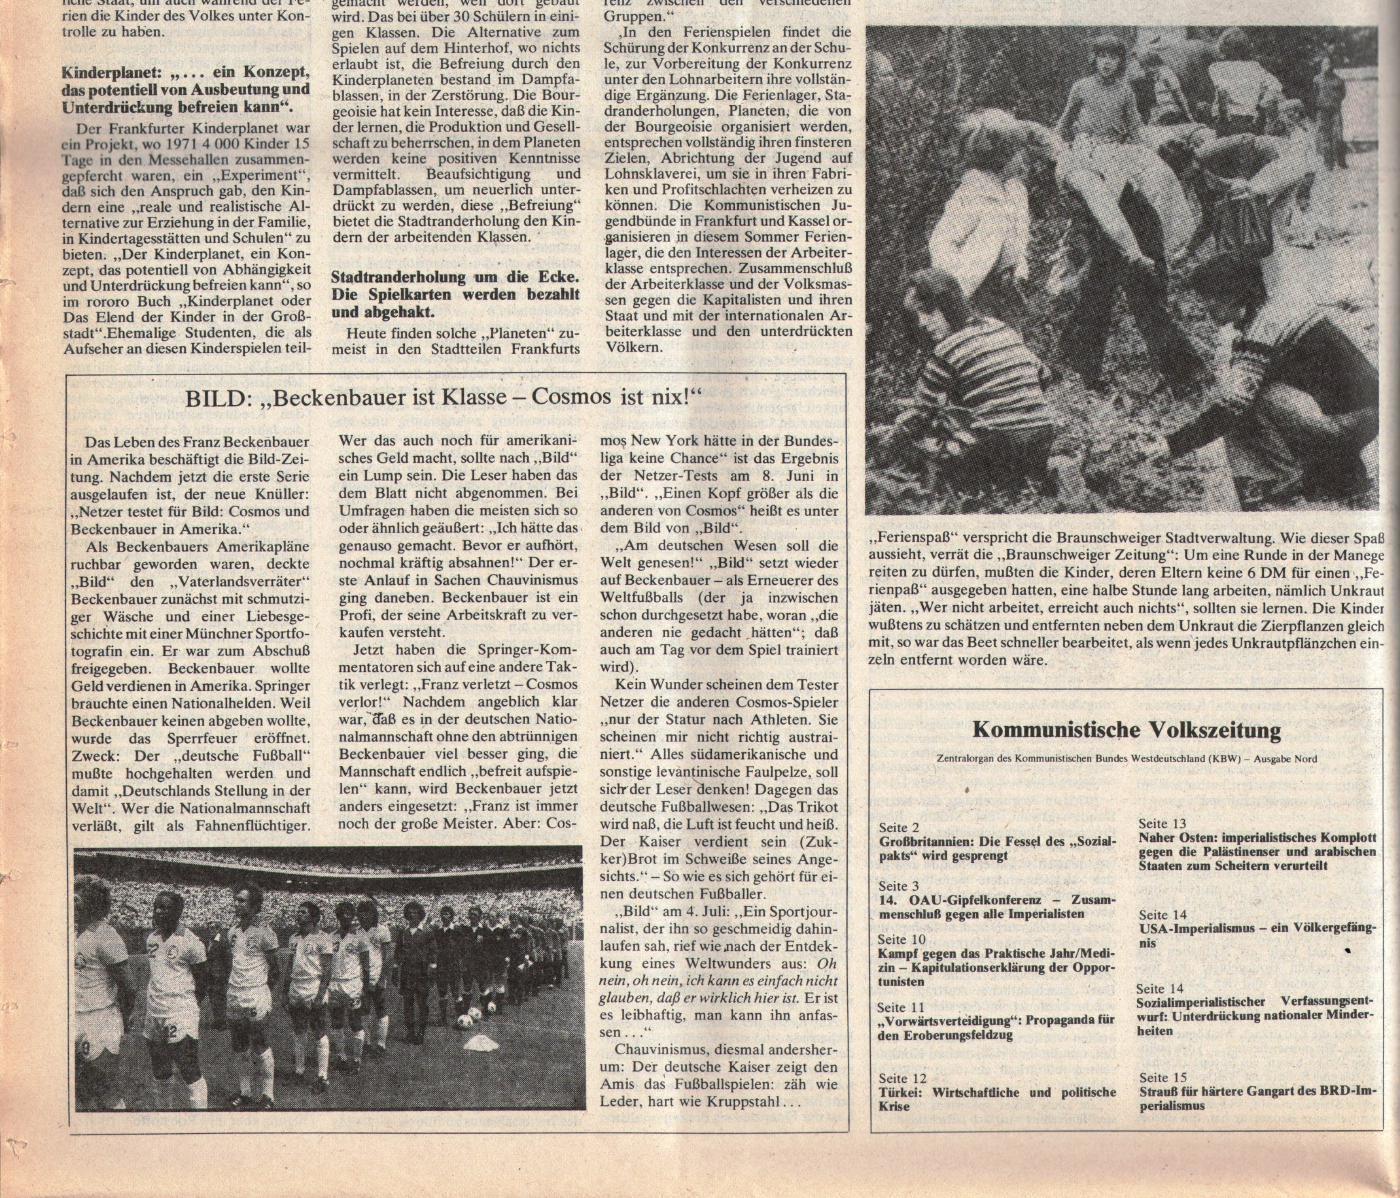 KVZ_Nord_1977_28_32